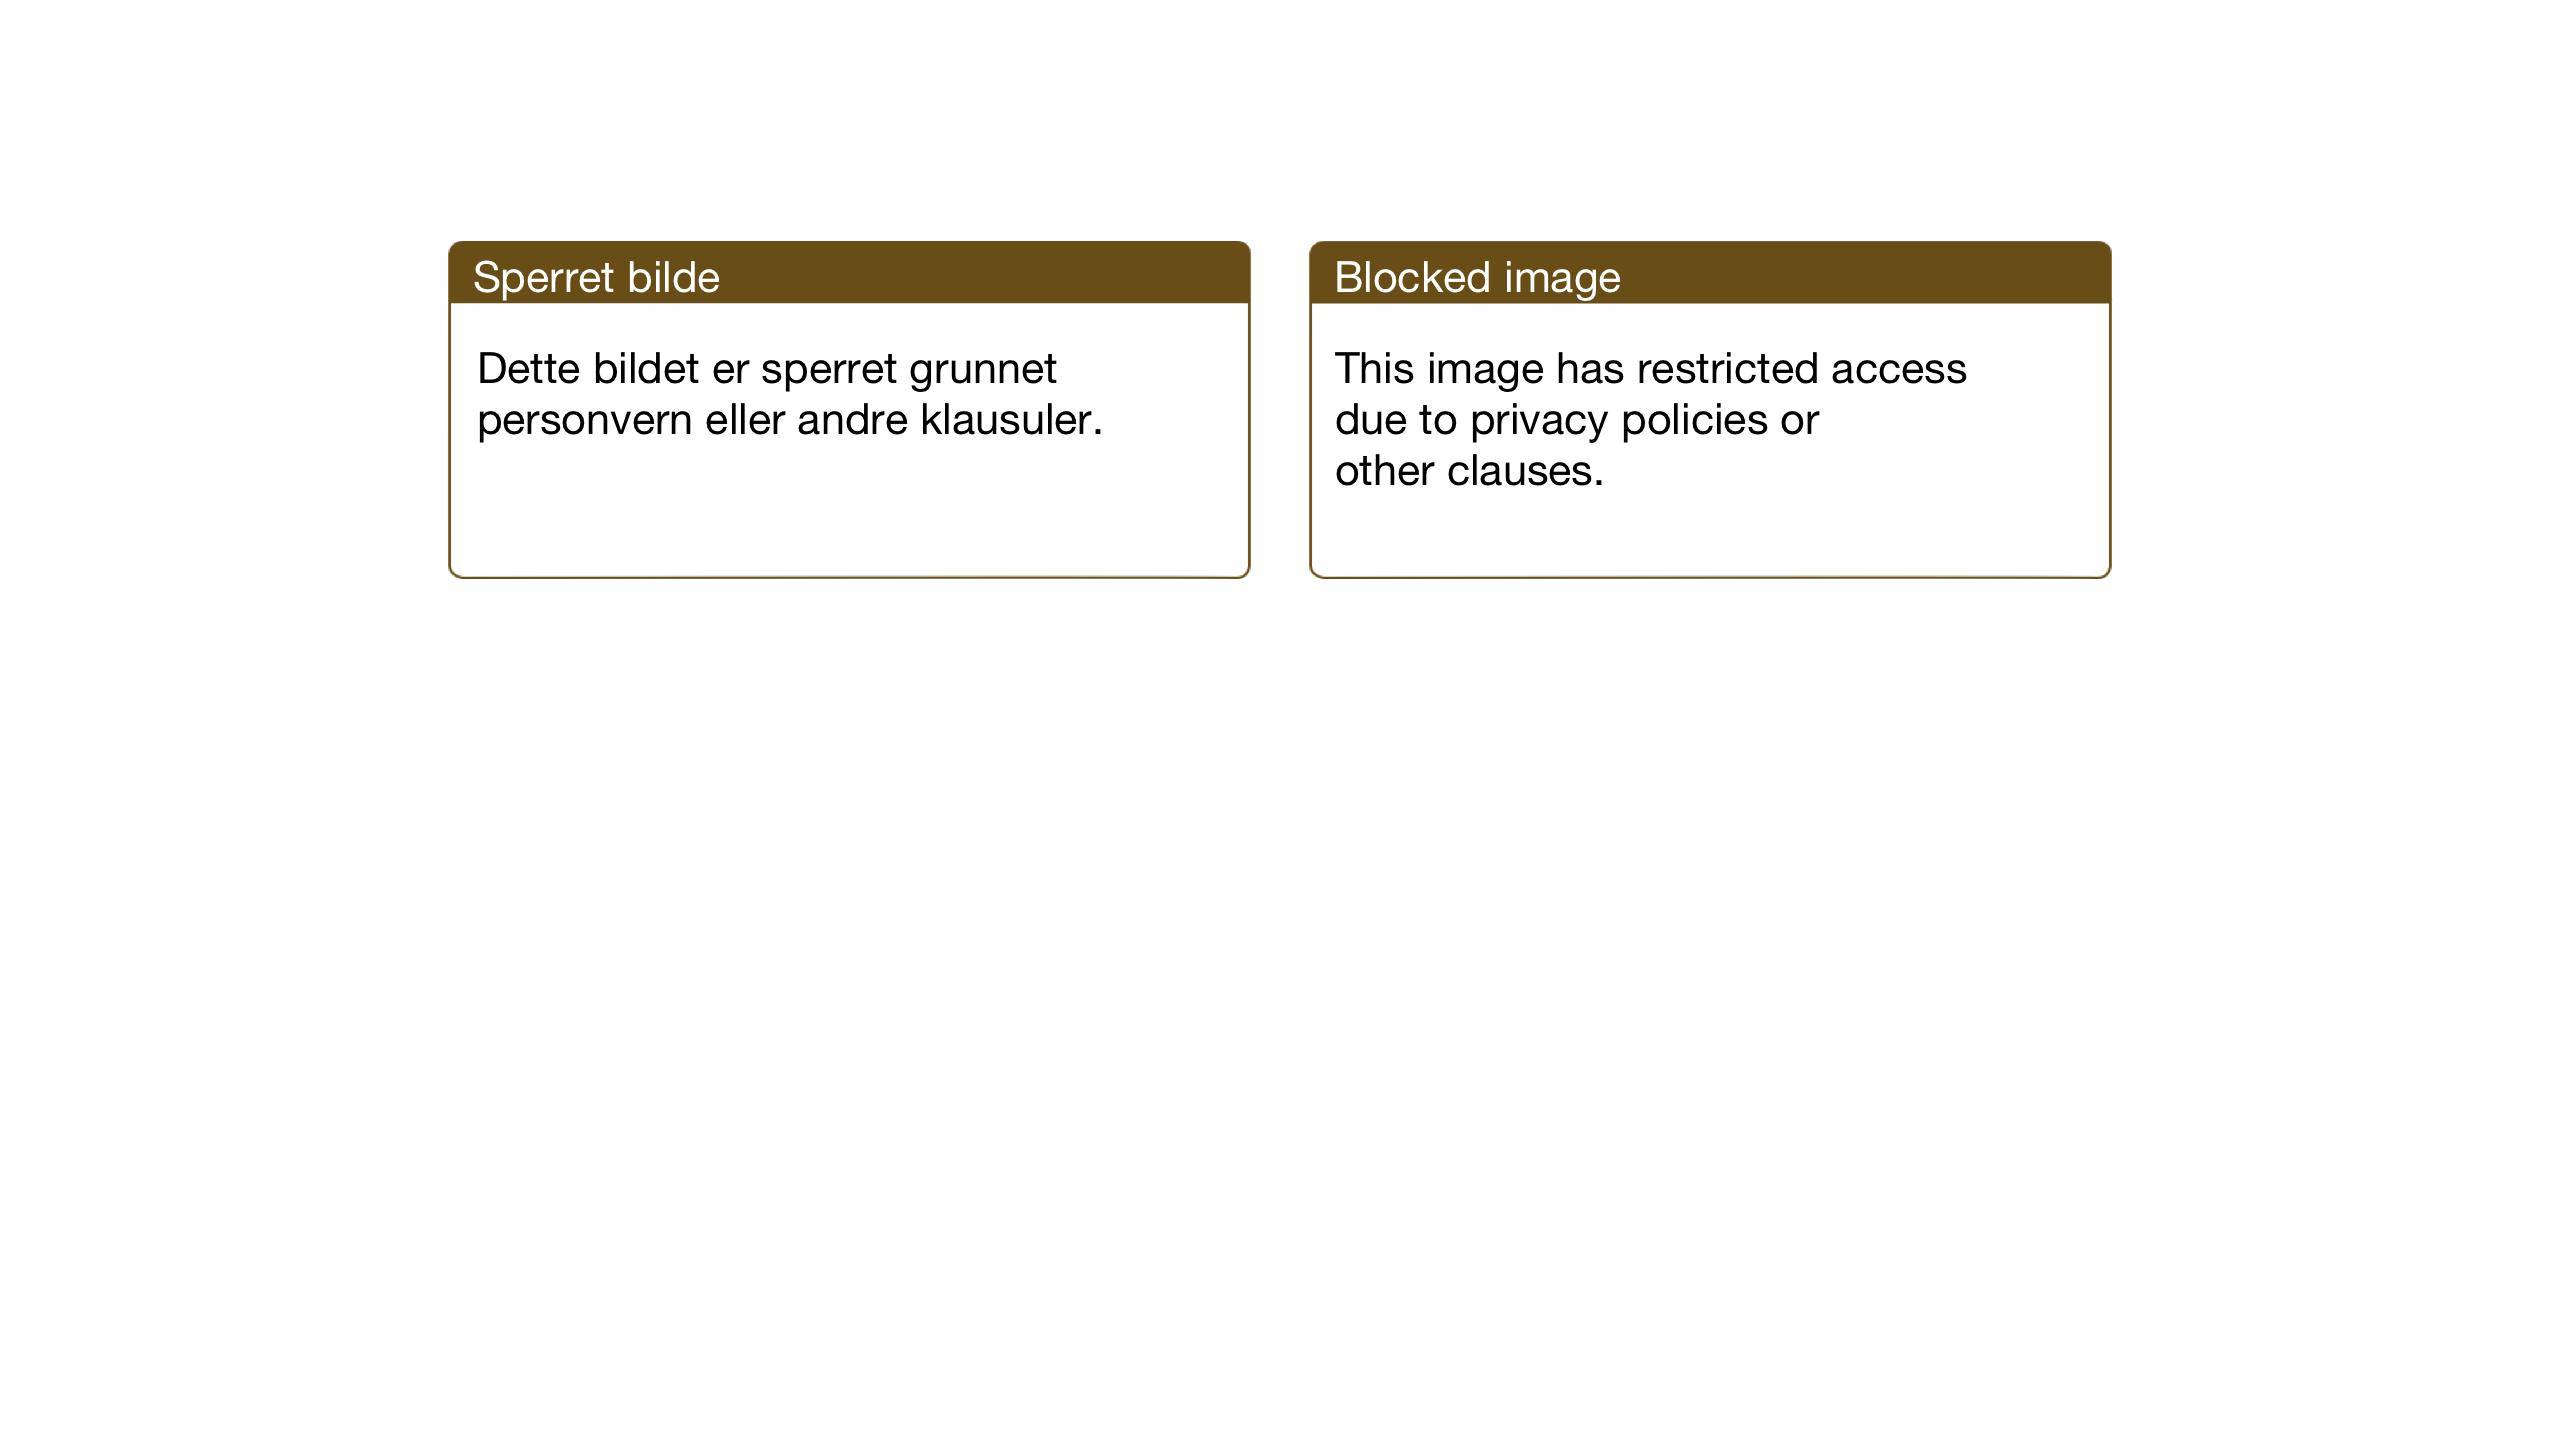 SAT, Ministerialprotokoller, klokkerbøker og fødselsregistre - Nord-Trøndelag, 722/L0227: Klokkerbok nr. 722C03, 1928-1958, s. 72